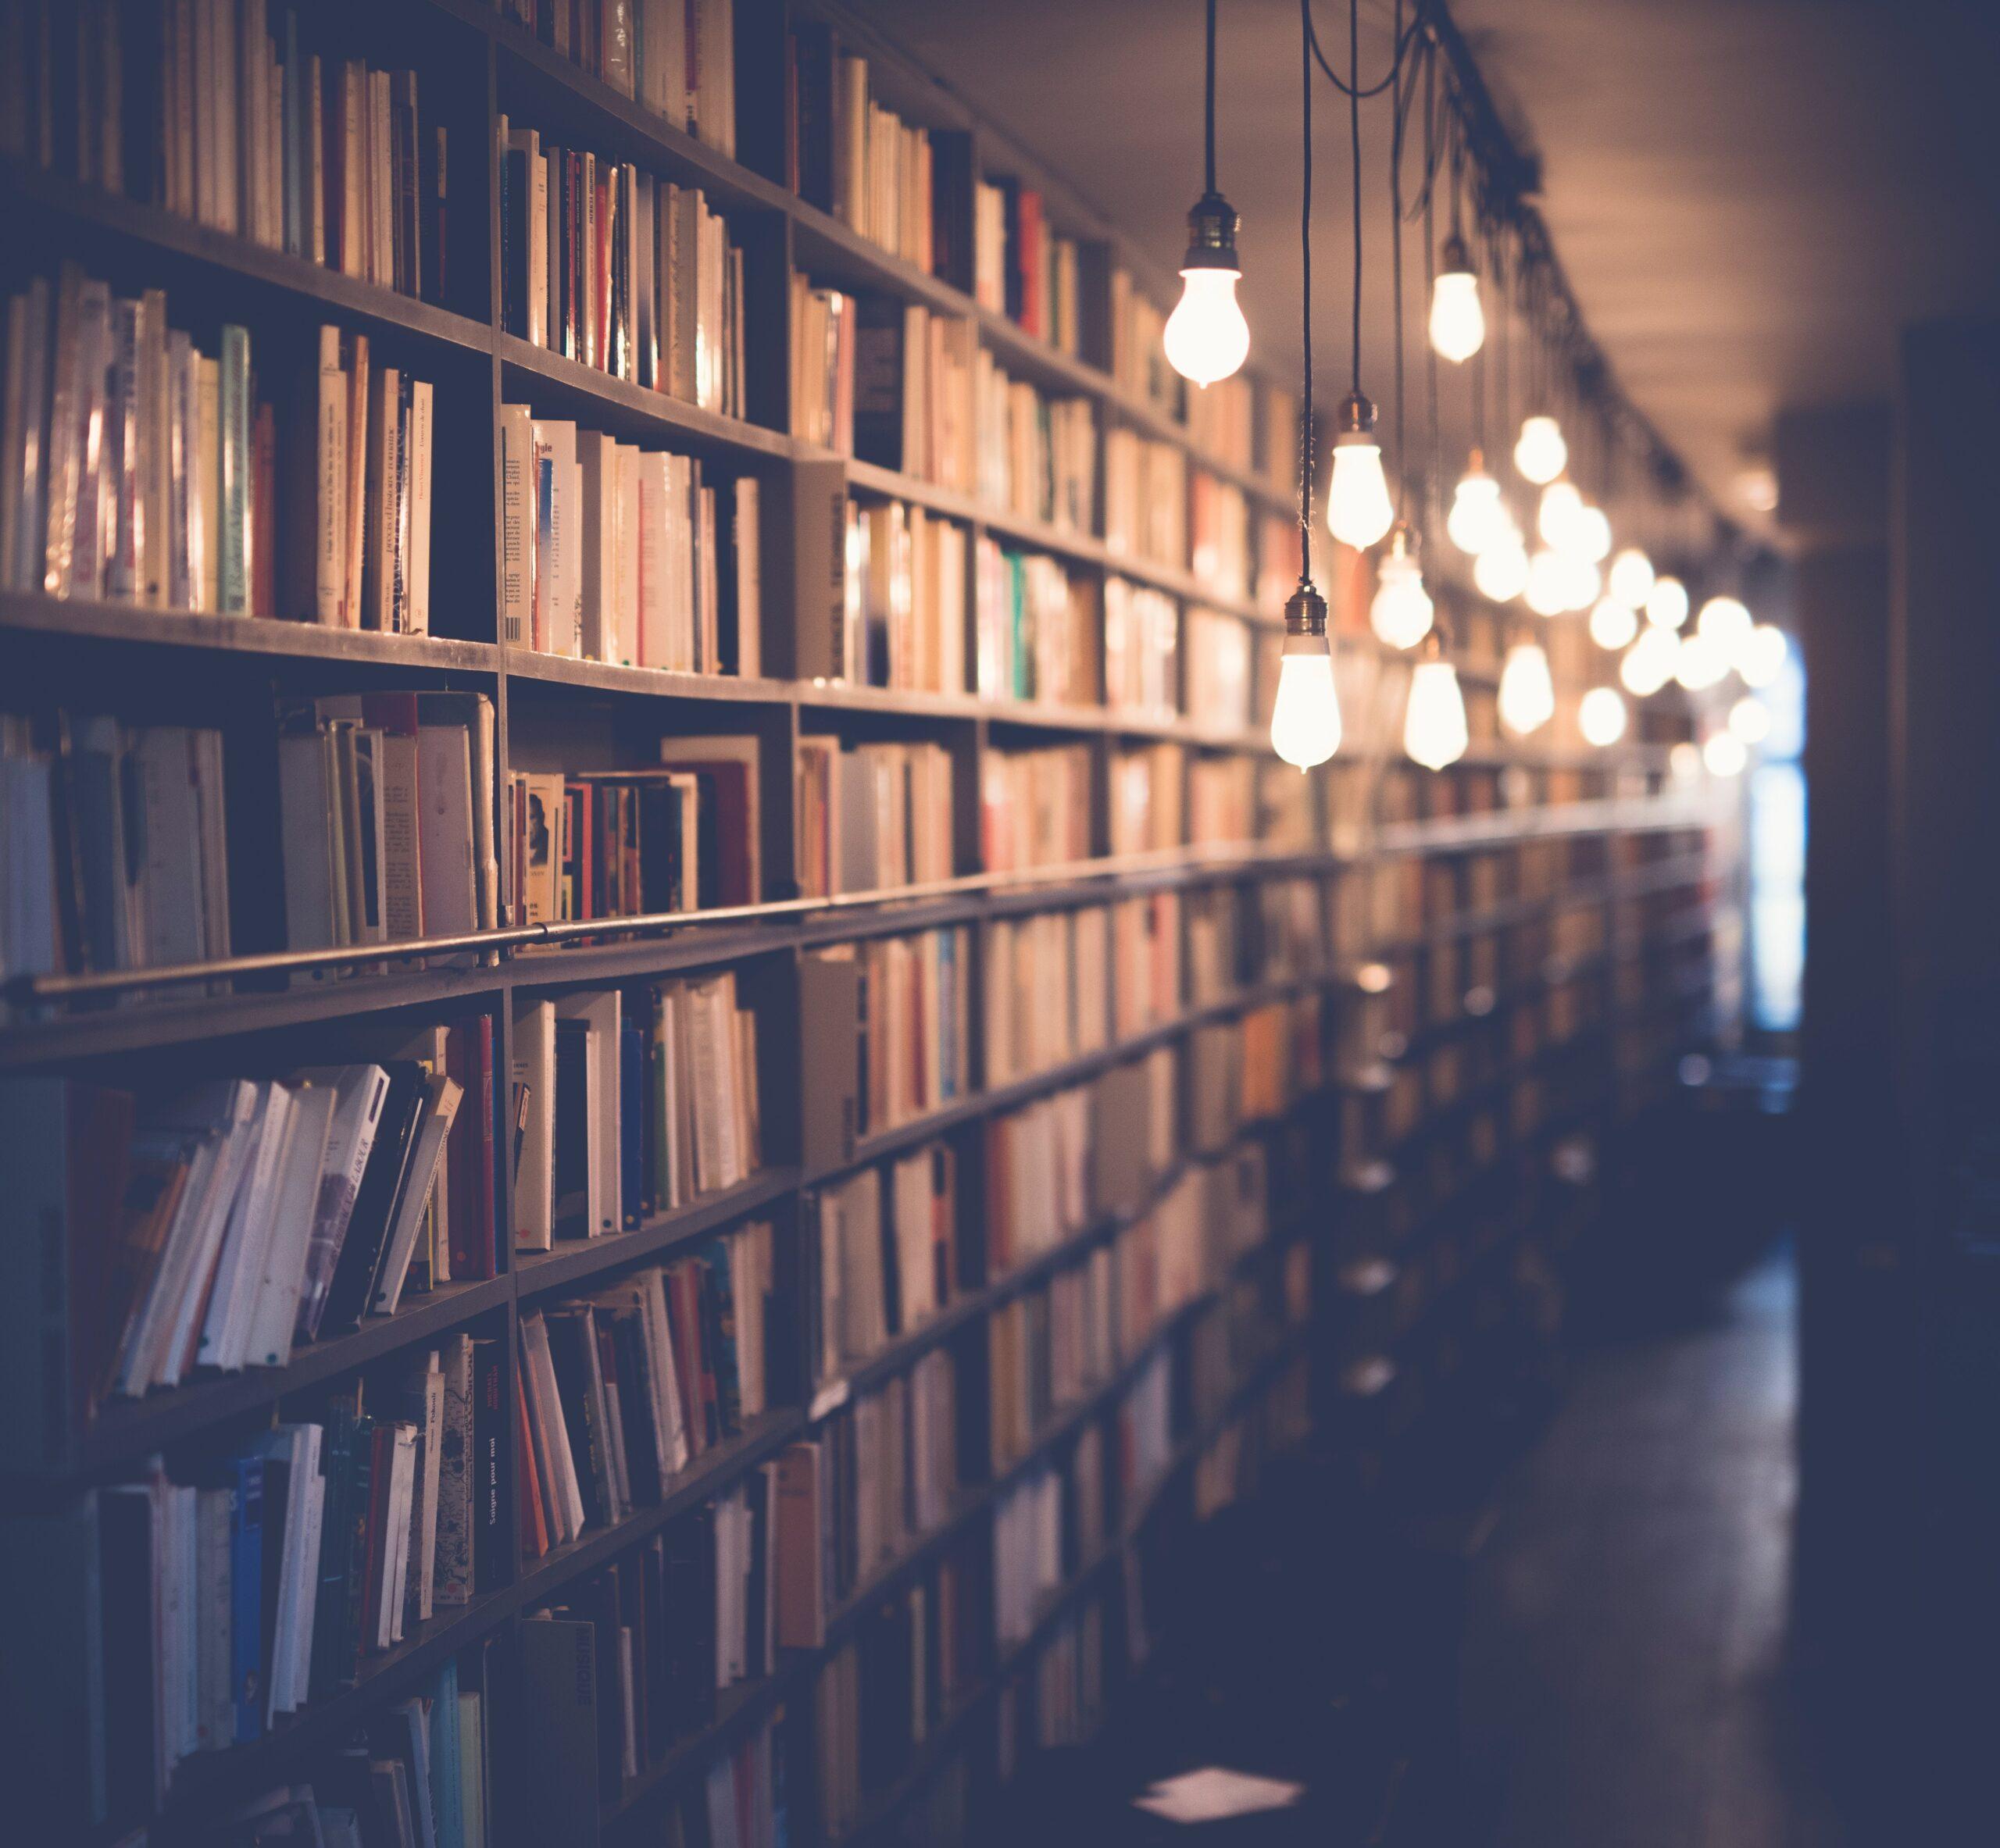 Archivio libri